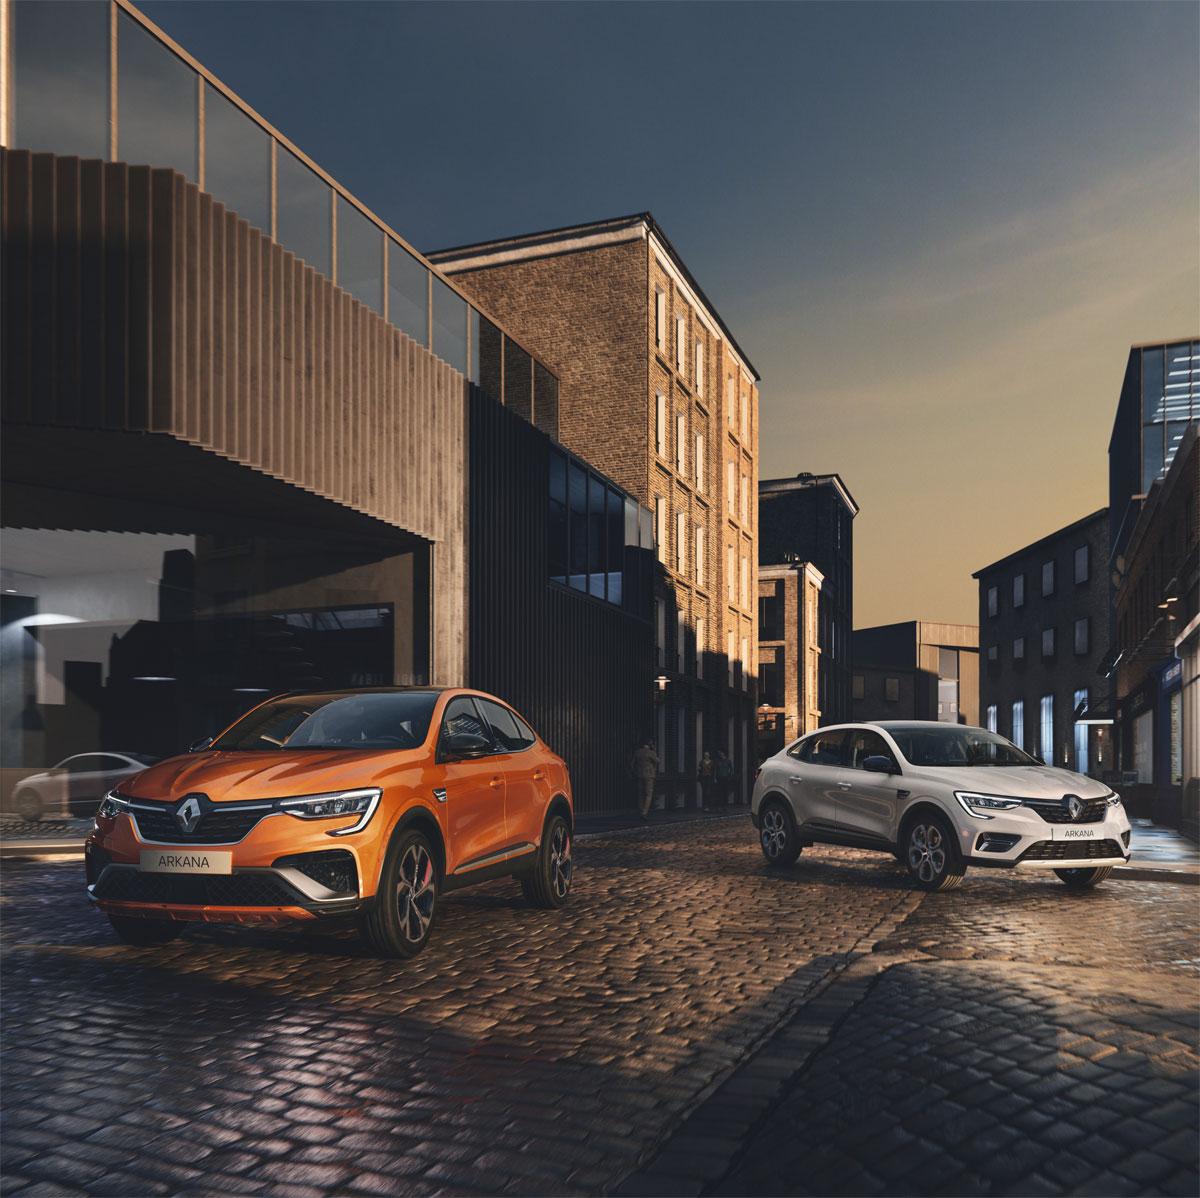 Renault desvela el Nuevo Arkana: Un SUV Coupe híbrido para Europa